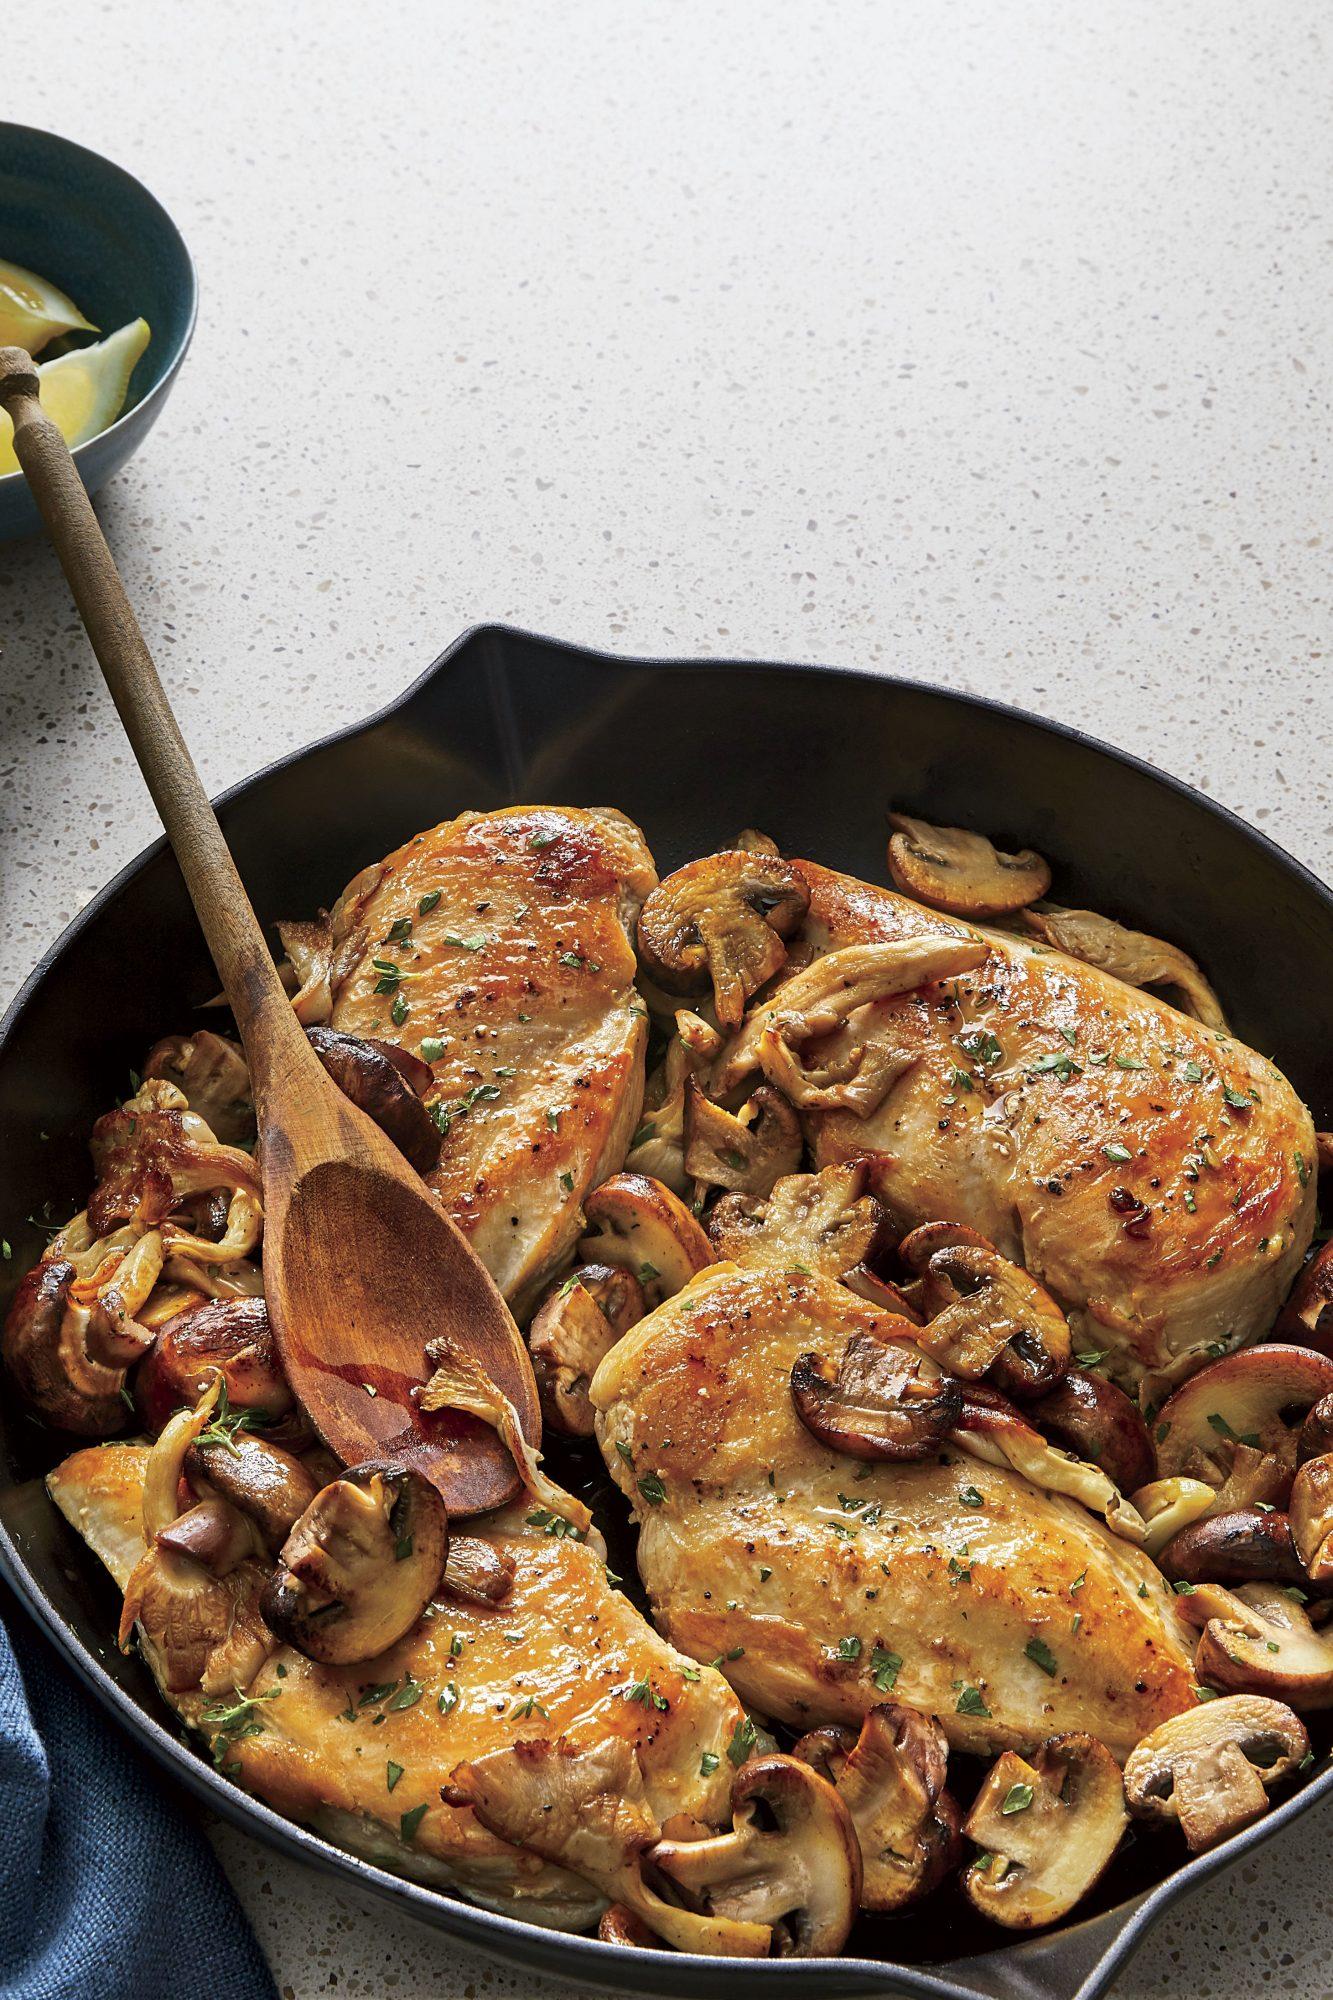 Chicken-Mushroom Skillet